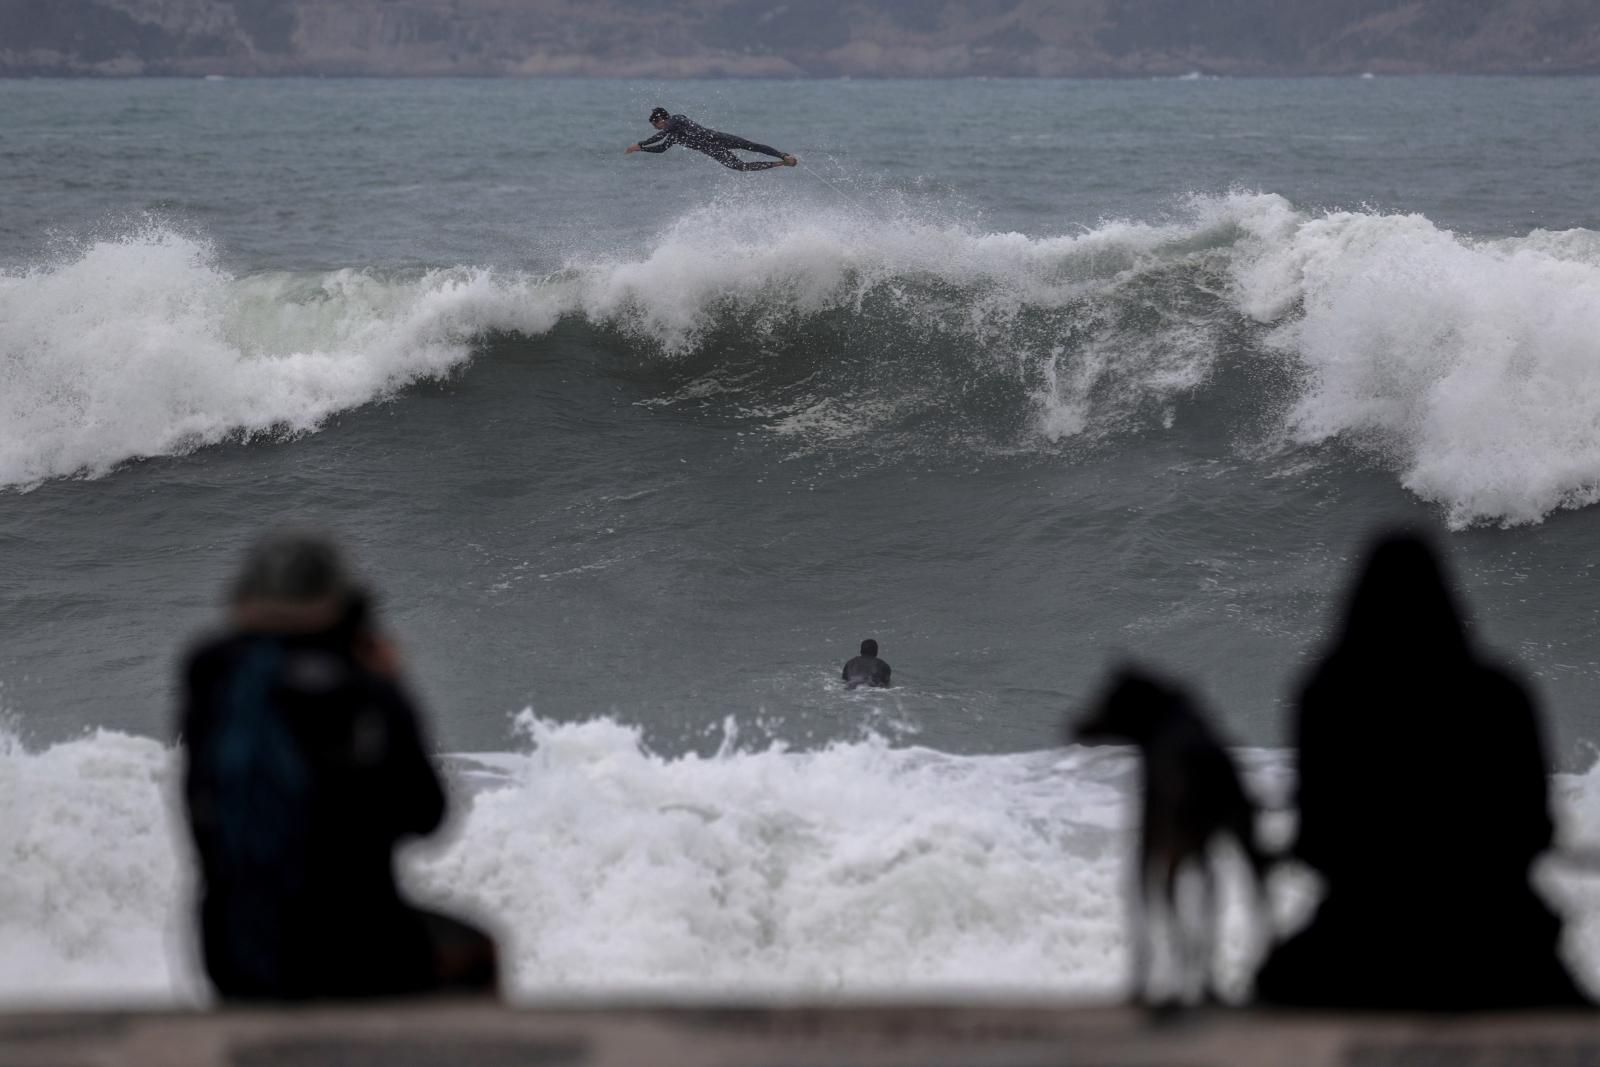 Brazylia 4 metrowe fale - raj dla surferów EPA/Antonio Lacerda